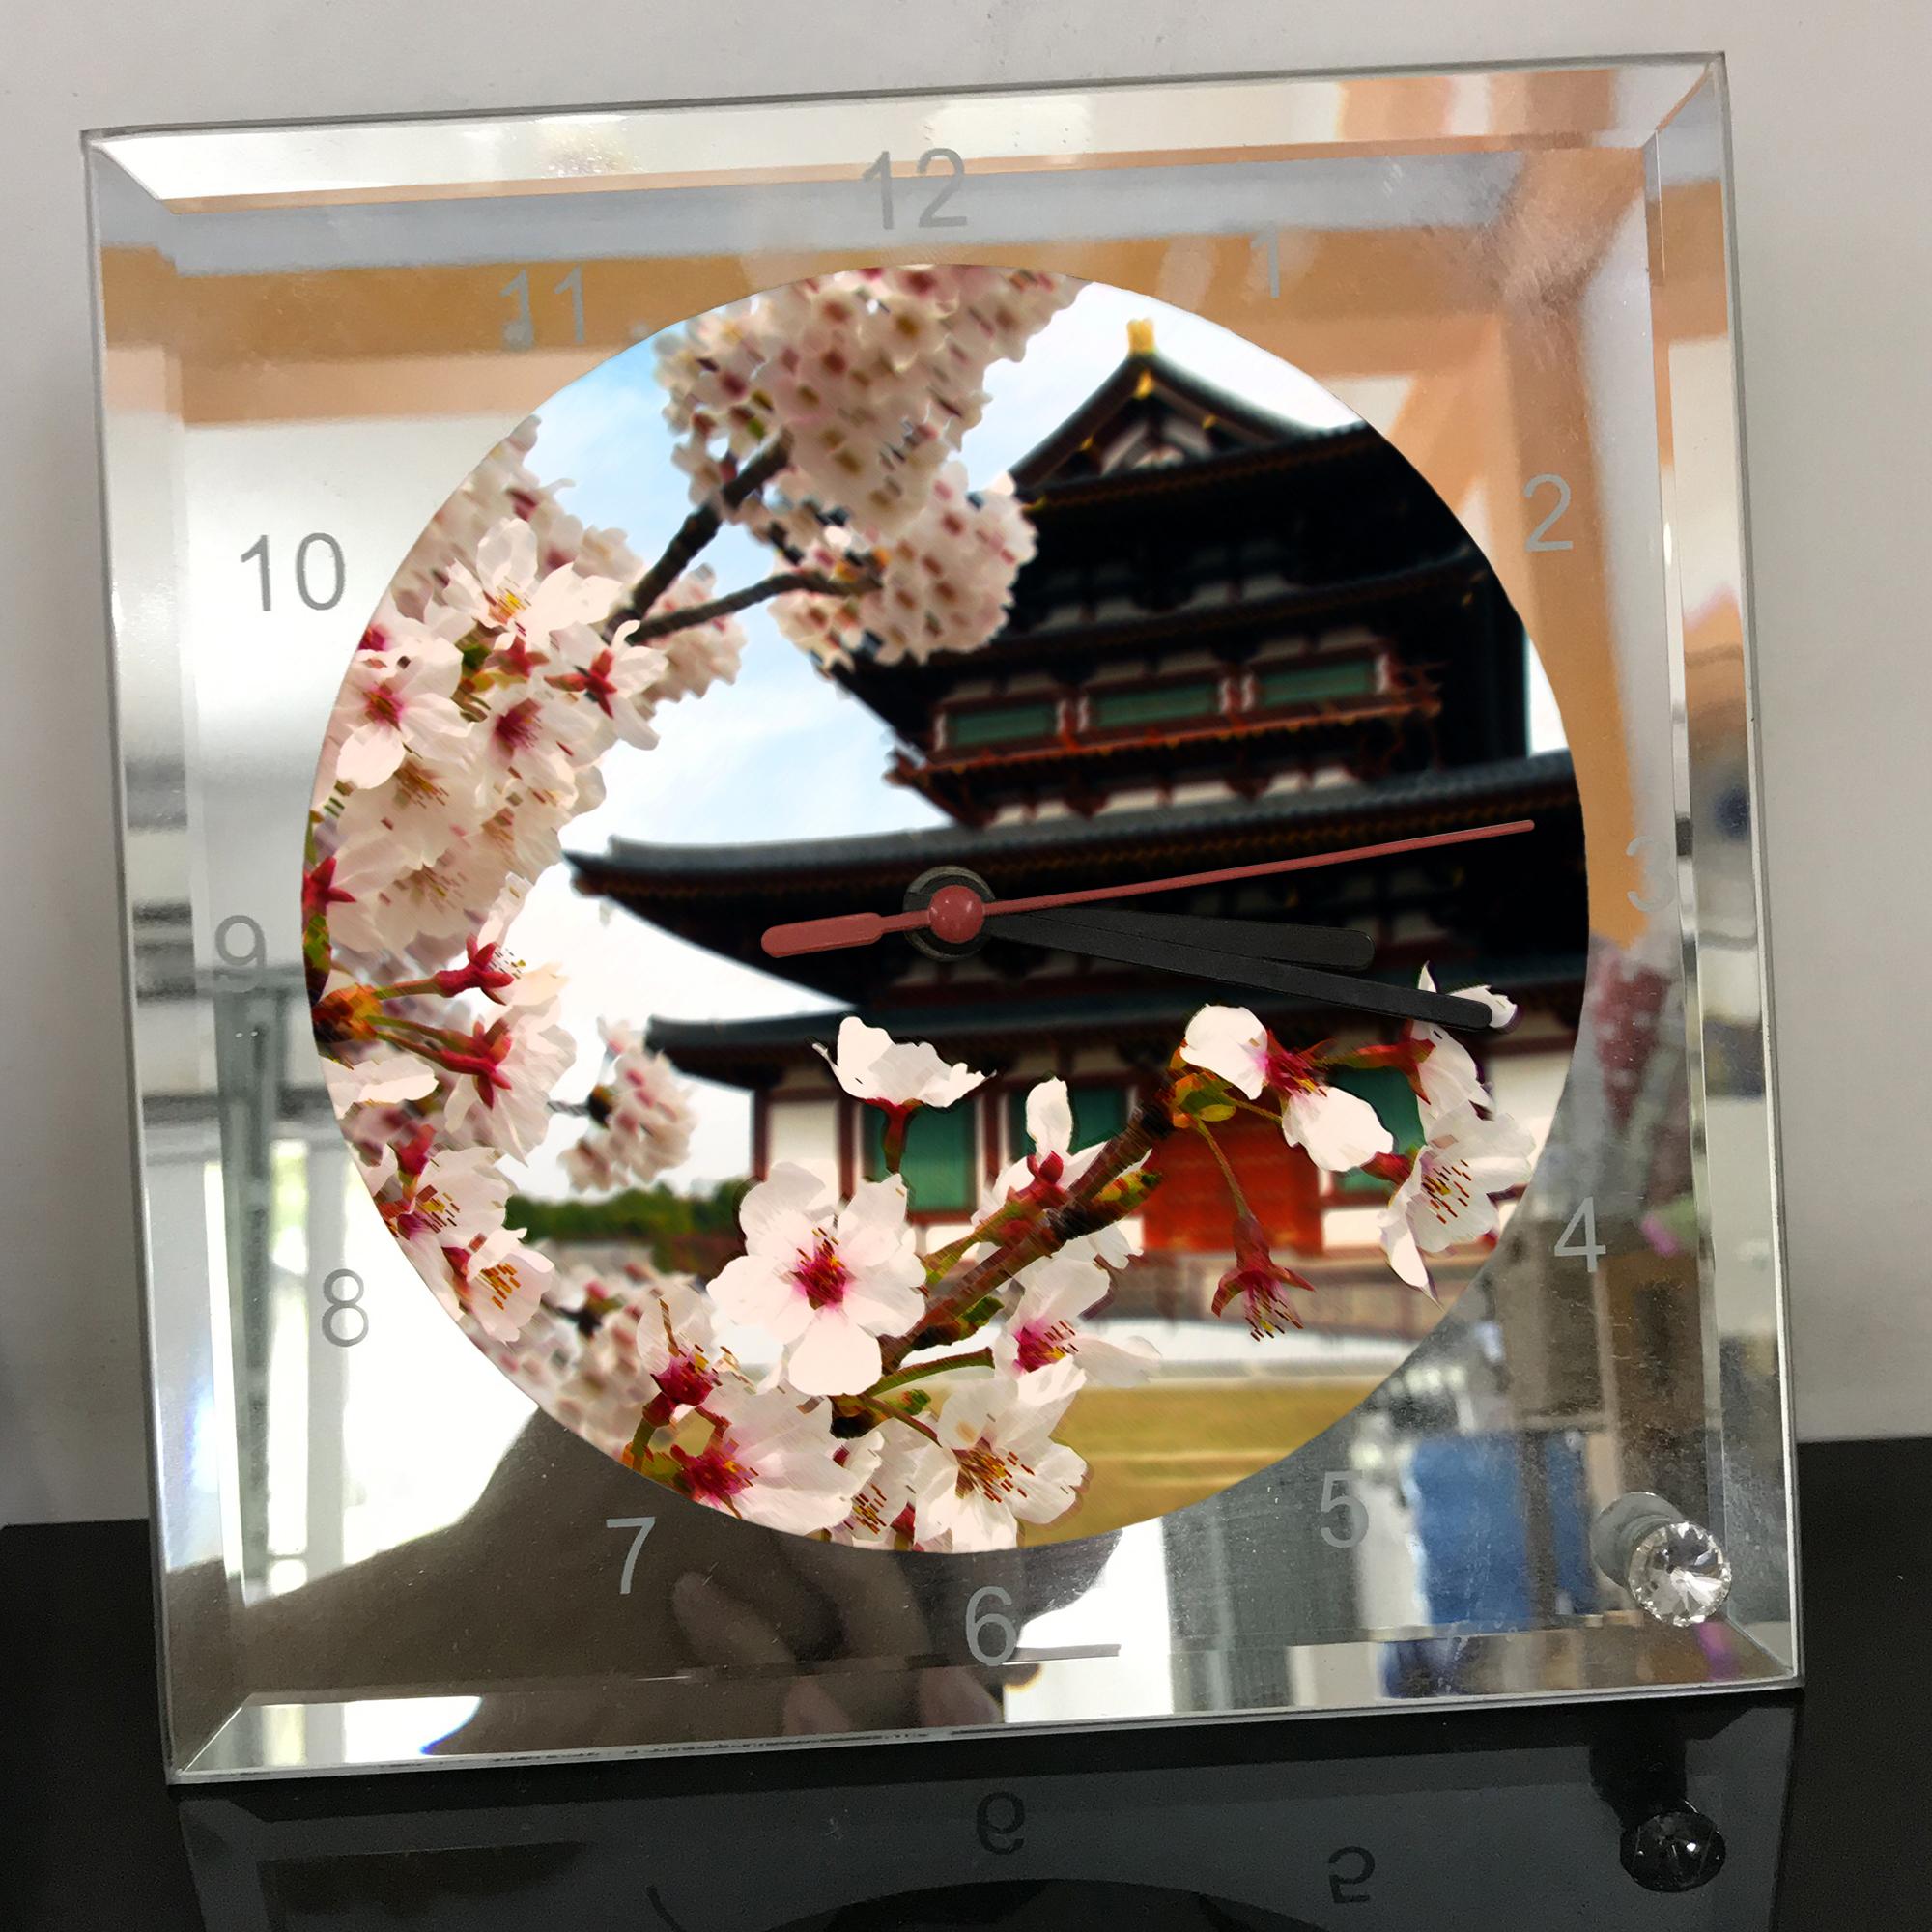 Đồng hồ vuông thủy tinh 20x20 in hình Temple - đền thờ (22) . Đồng hồ thủy tinh để bàn trang trí đẹp chủ đề tôn giáo